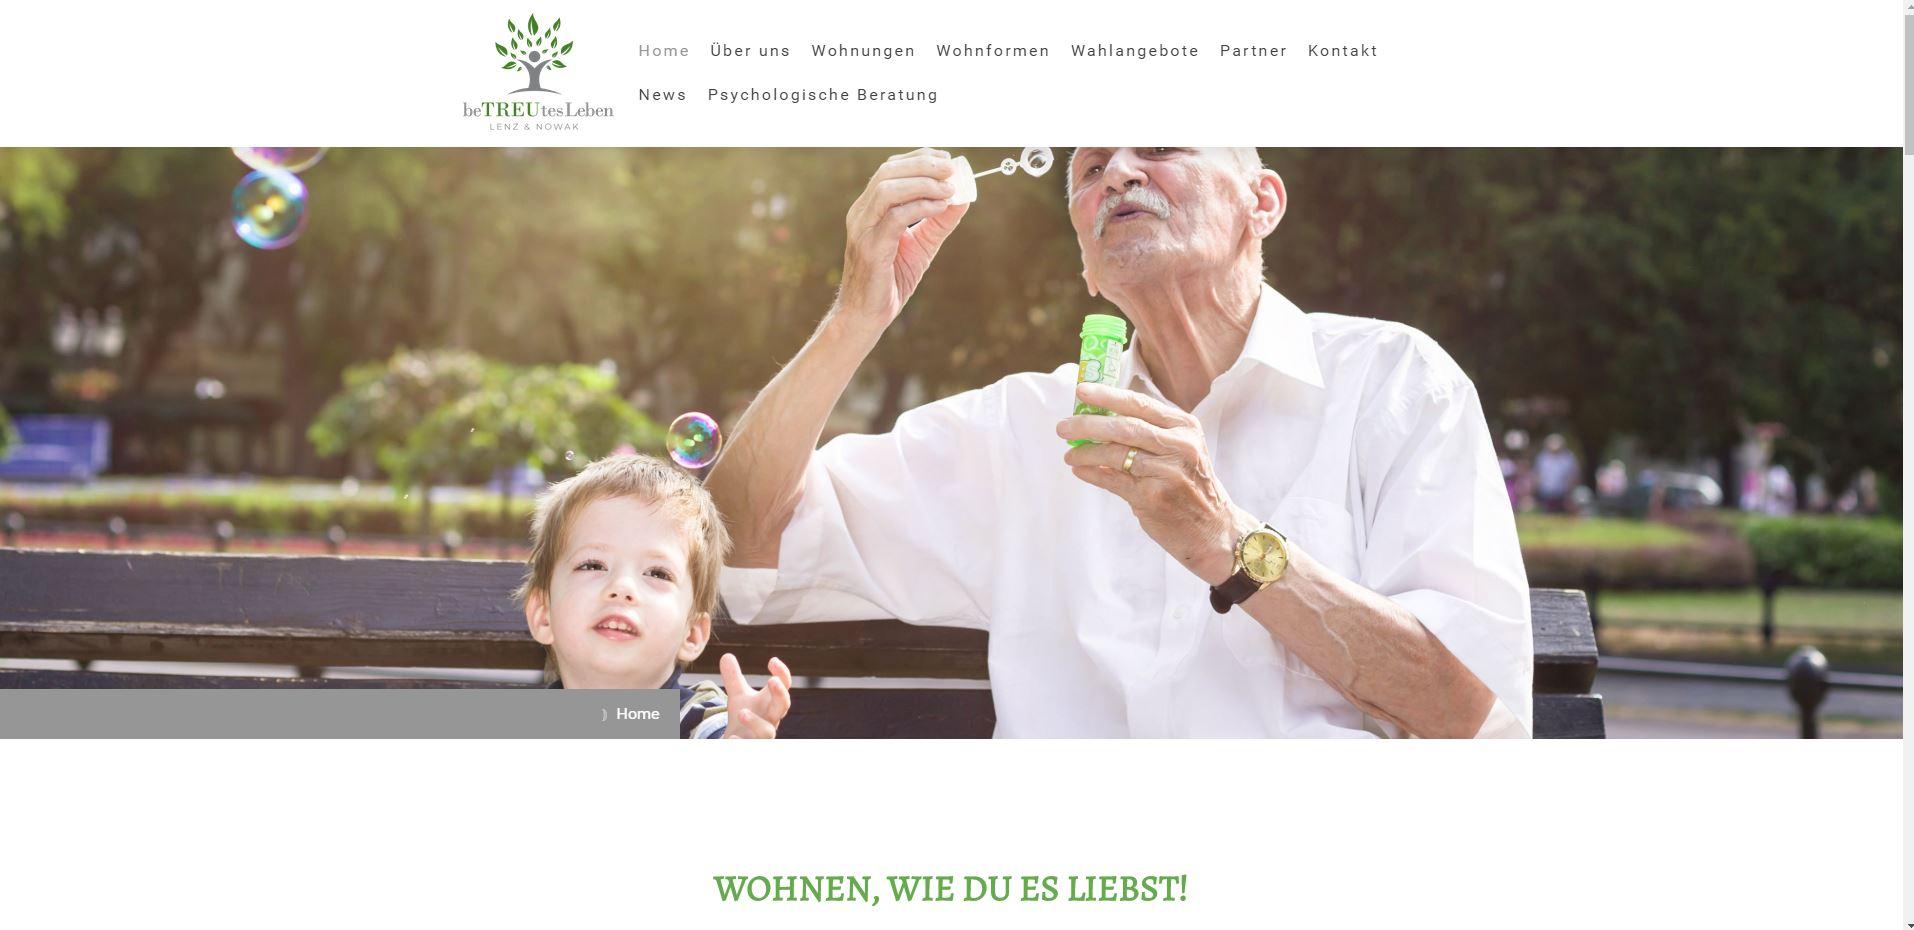 Markenschärfung Betreutes Leben Lenz & Novak [Wohnen, wie du es liebst]